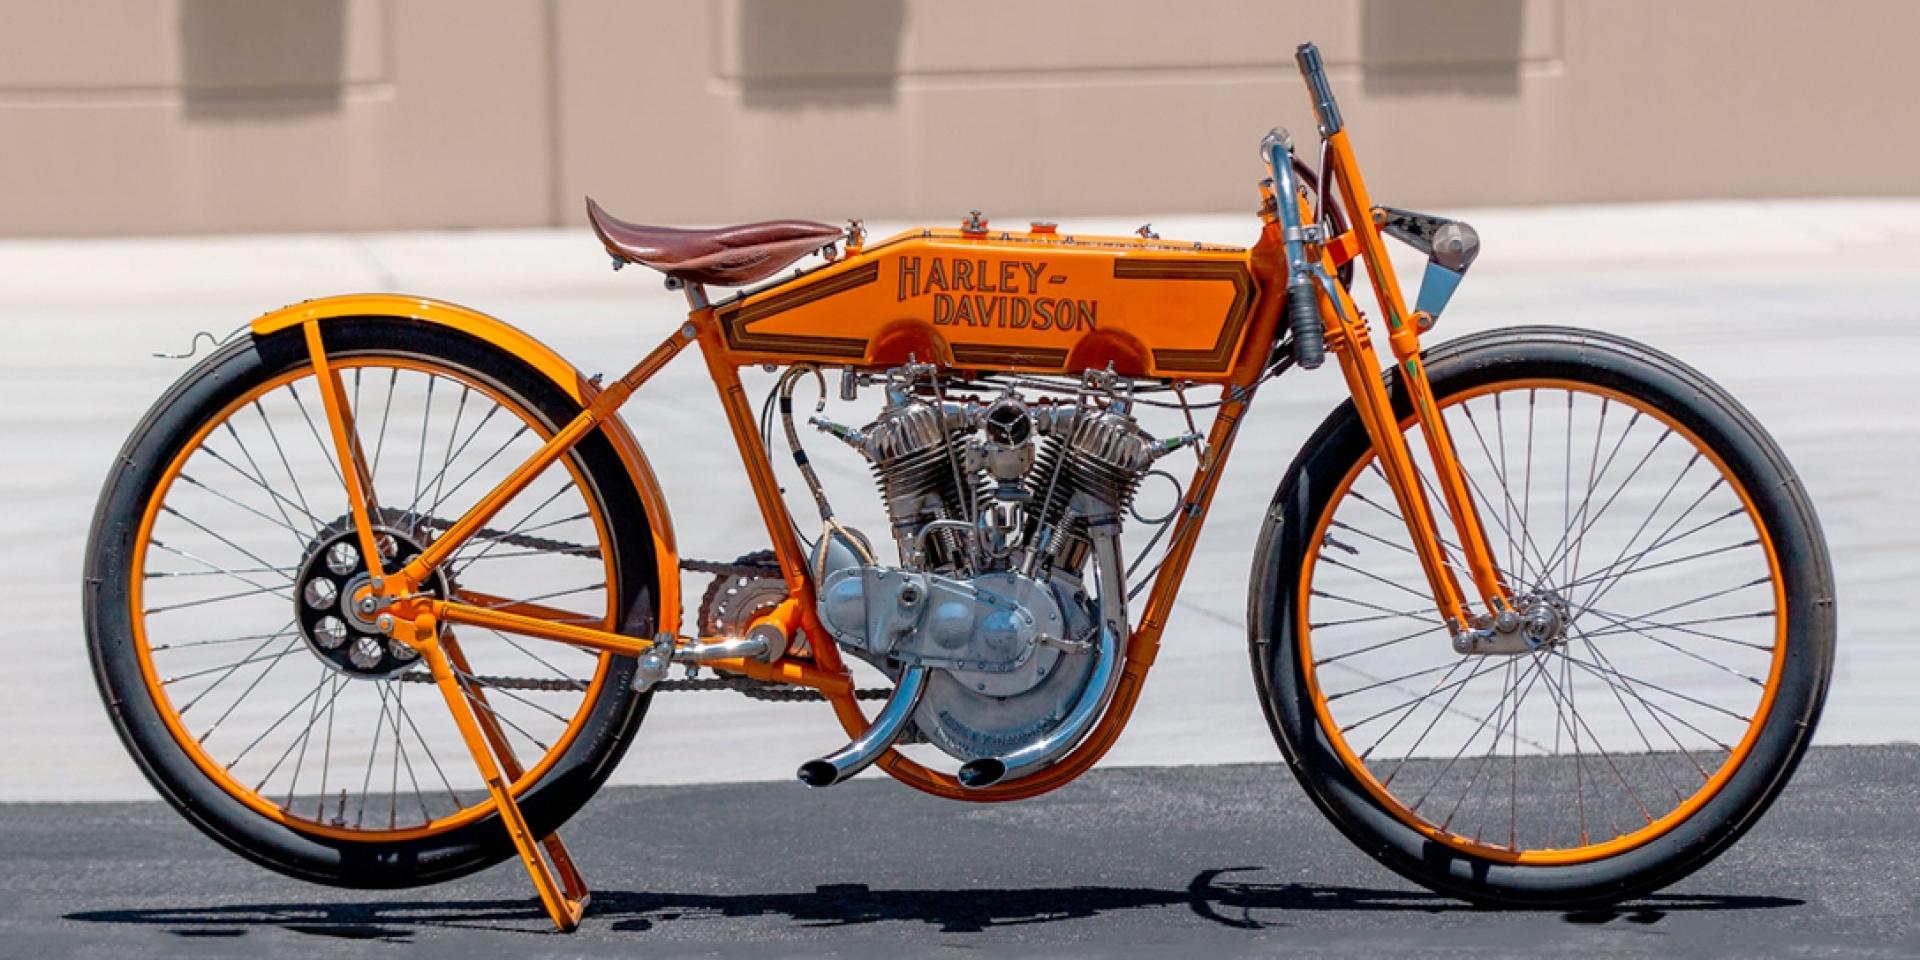 沒煞車、沒避震的超狂阿祖級賽車。1915 HARLEY-DAVIDSON 11K